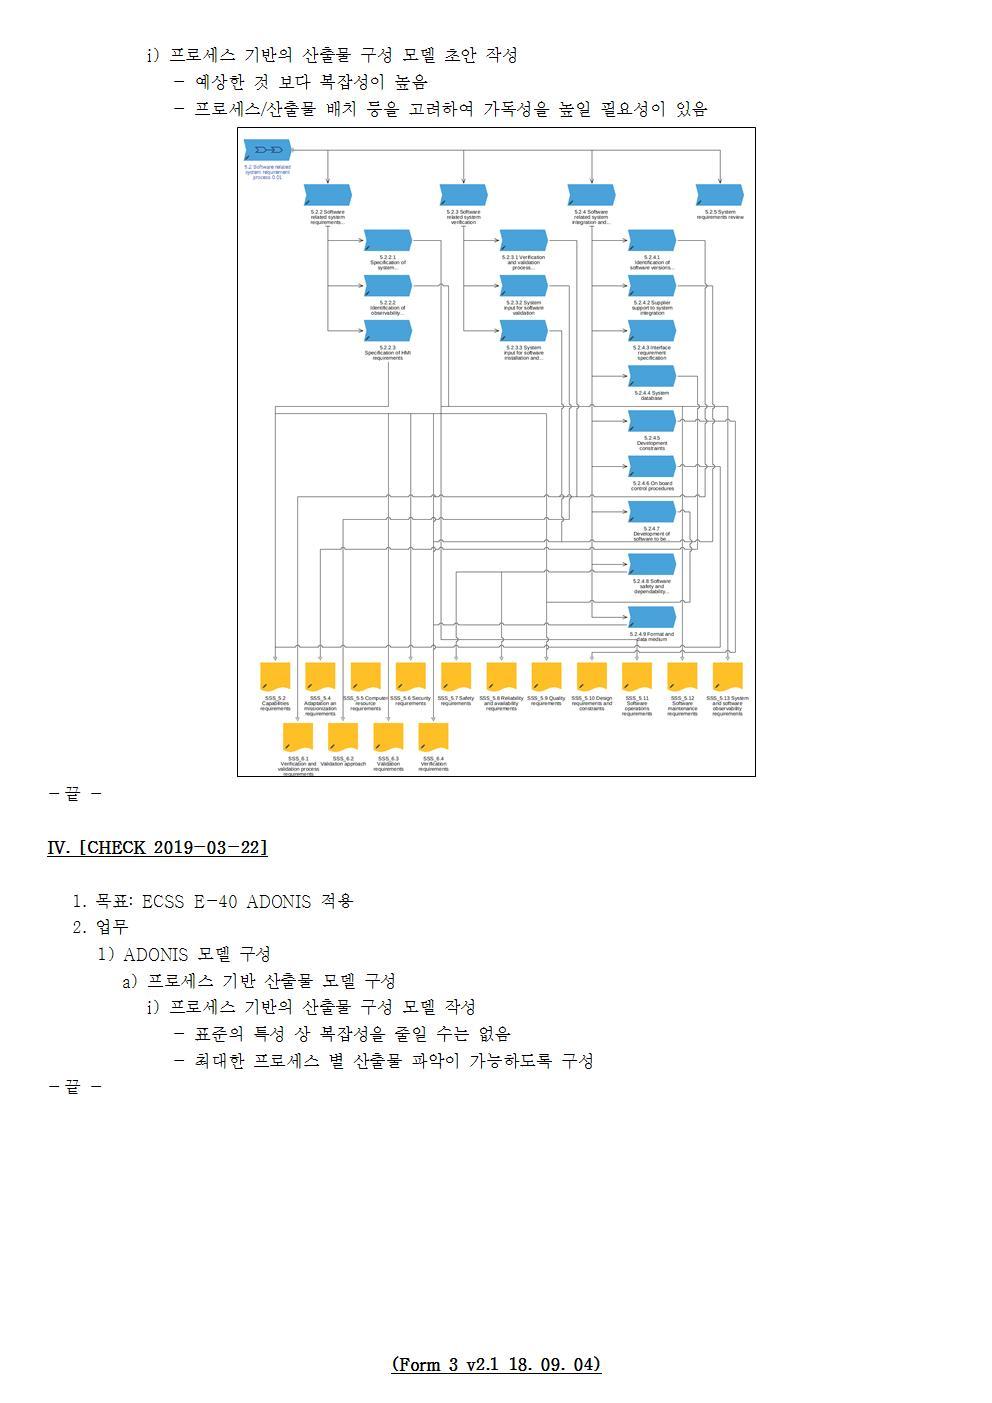 D-[19-004-RD-04]-[CMS]-[2019-03-22][YB]002.jpg